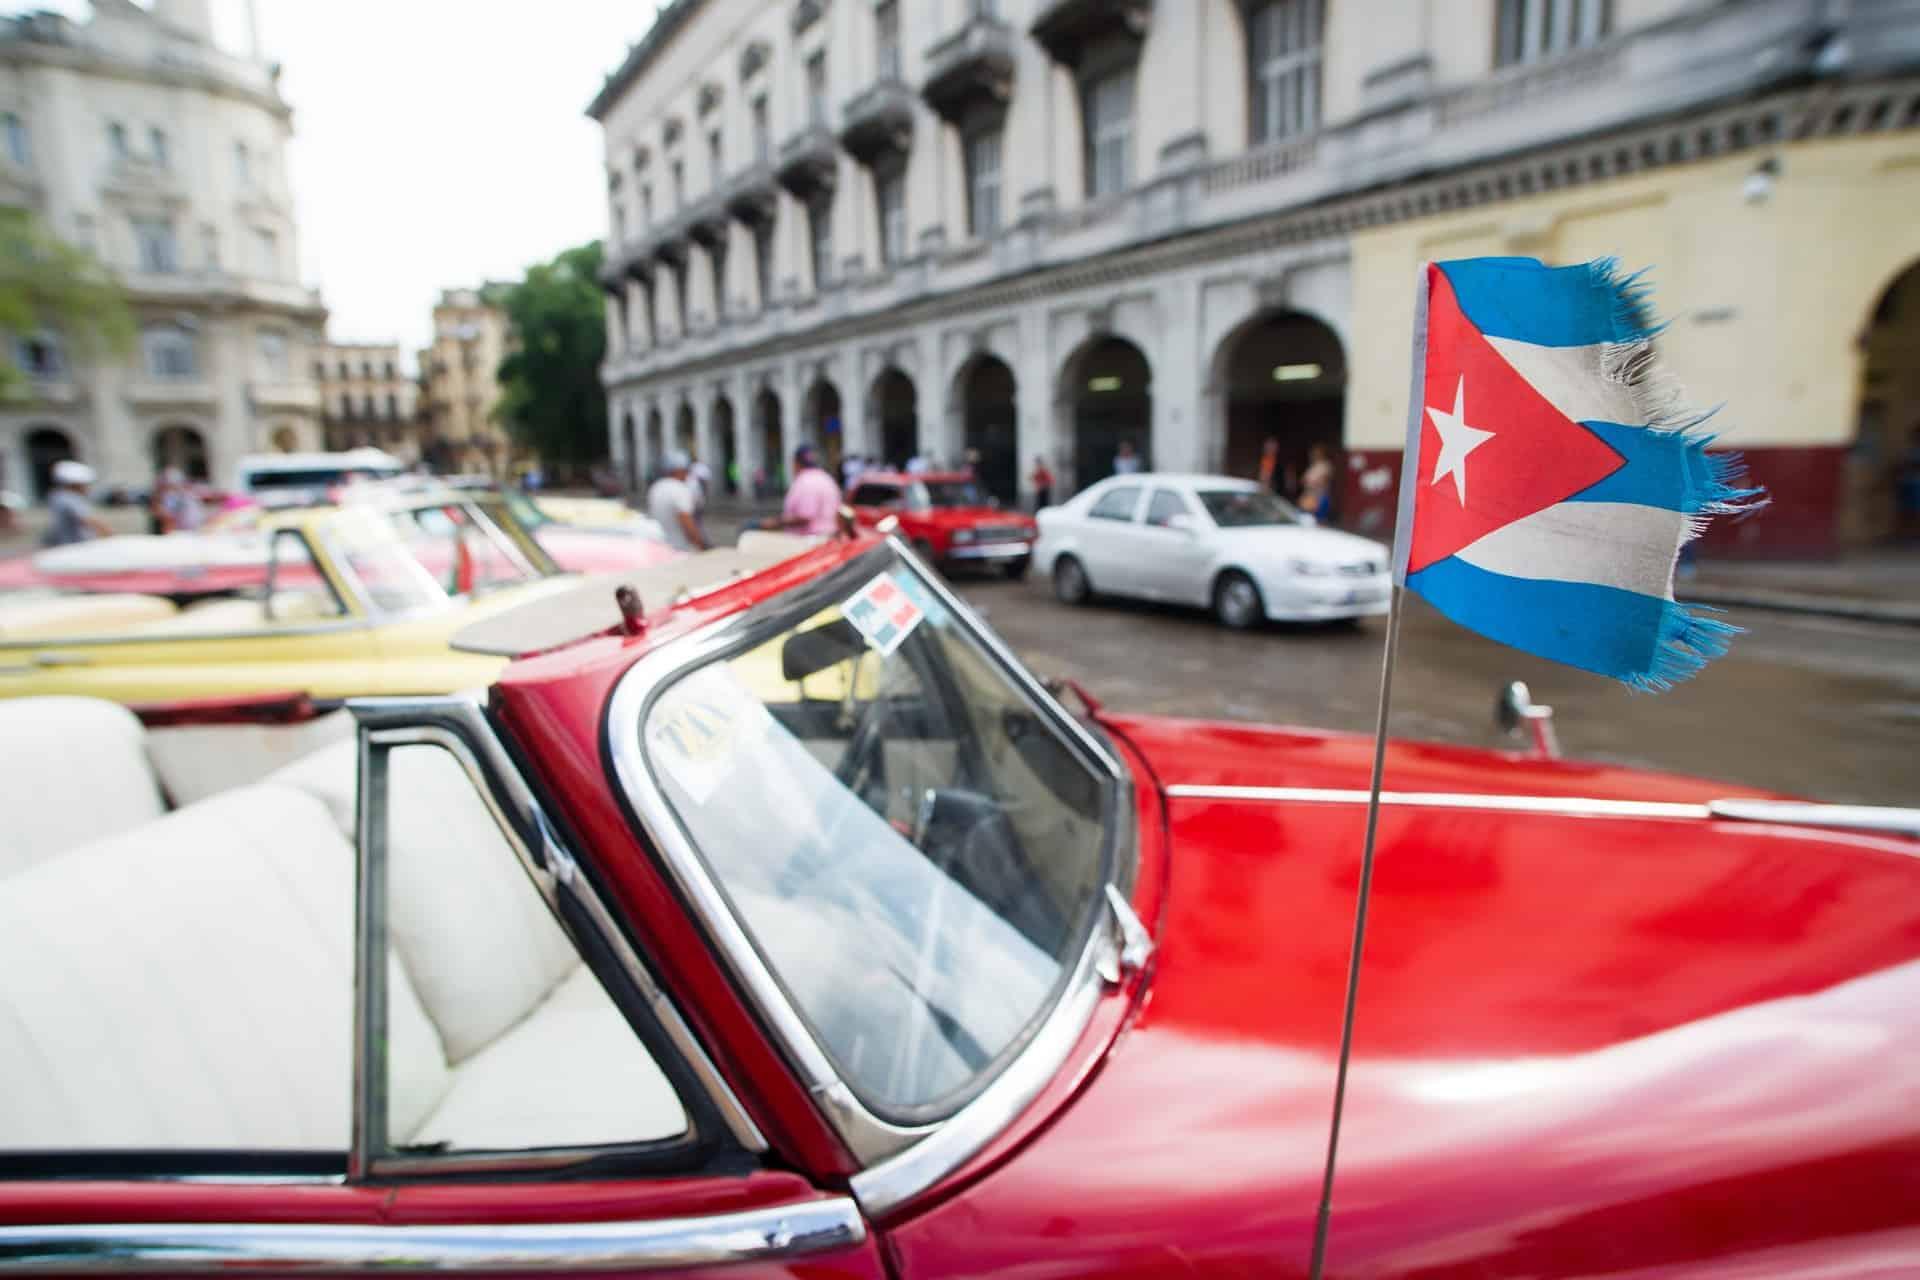 The Cuban flag on a car in Havana.